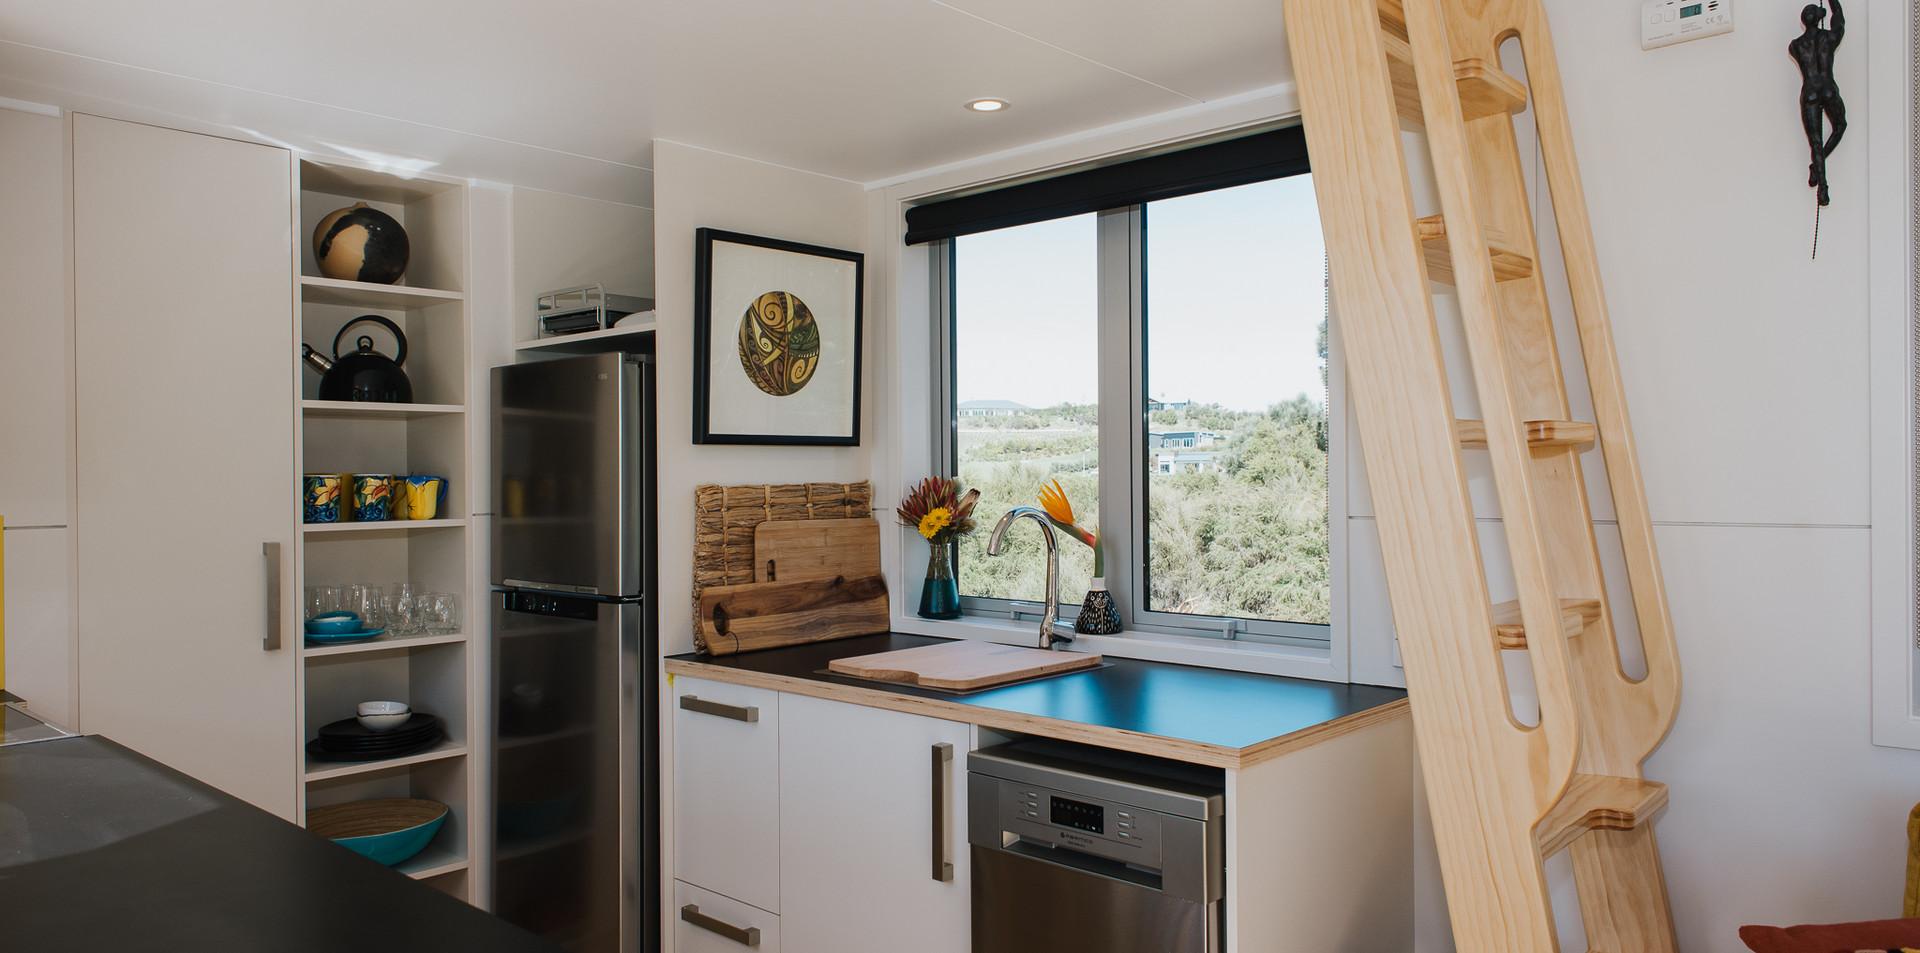 C-Tiny | Napier NZ | Airbnb